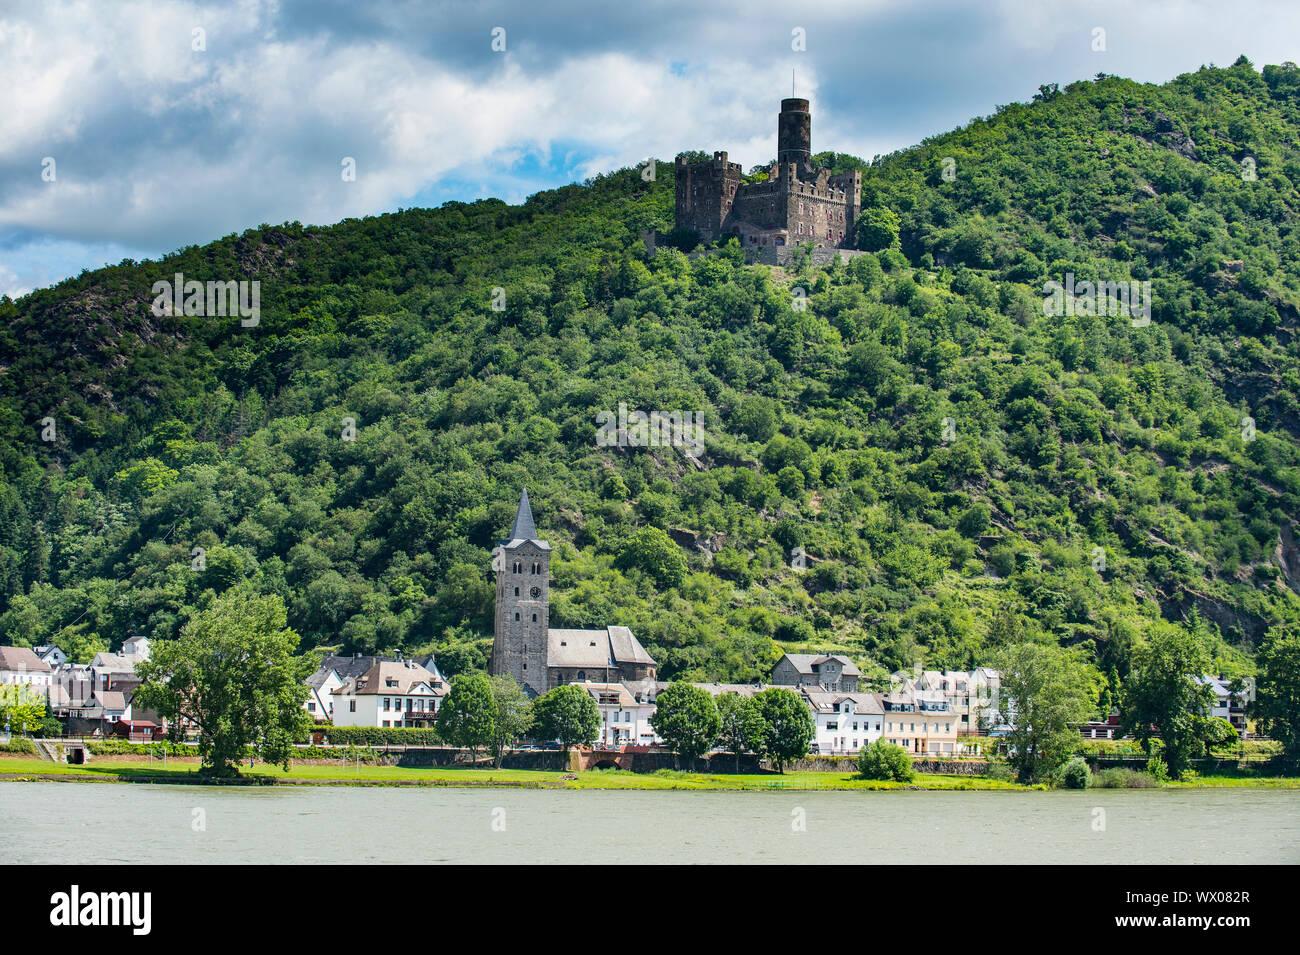 Castillo Maus con vistas al Rin, Sitio del Patrimonio Mundial de la UNESCO, el valle del Rin Medio, Renania-Palatinado, Alemania, Europa Foto de stock